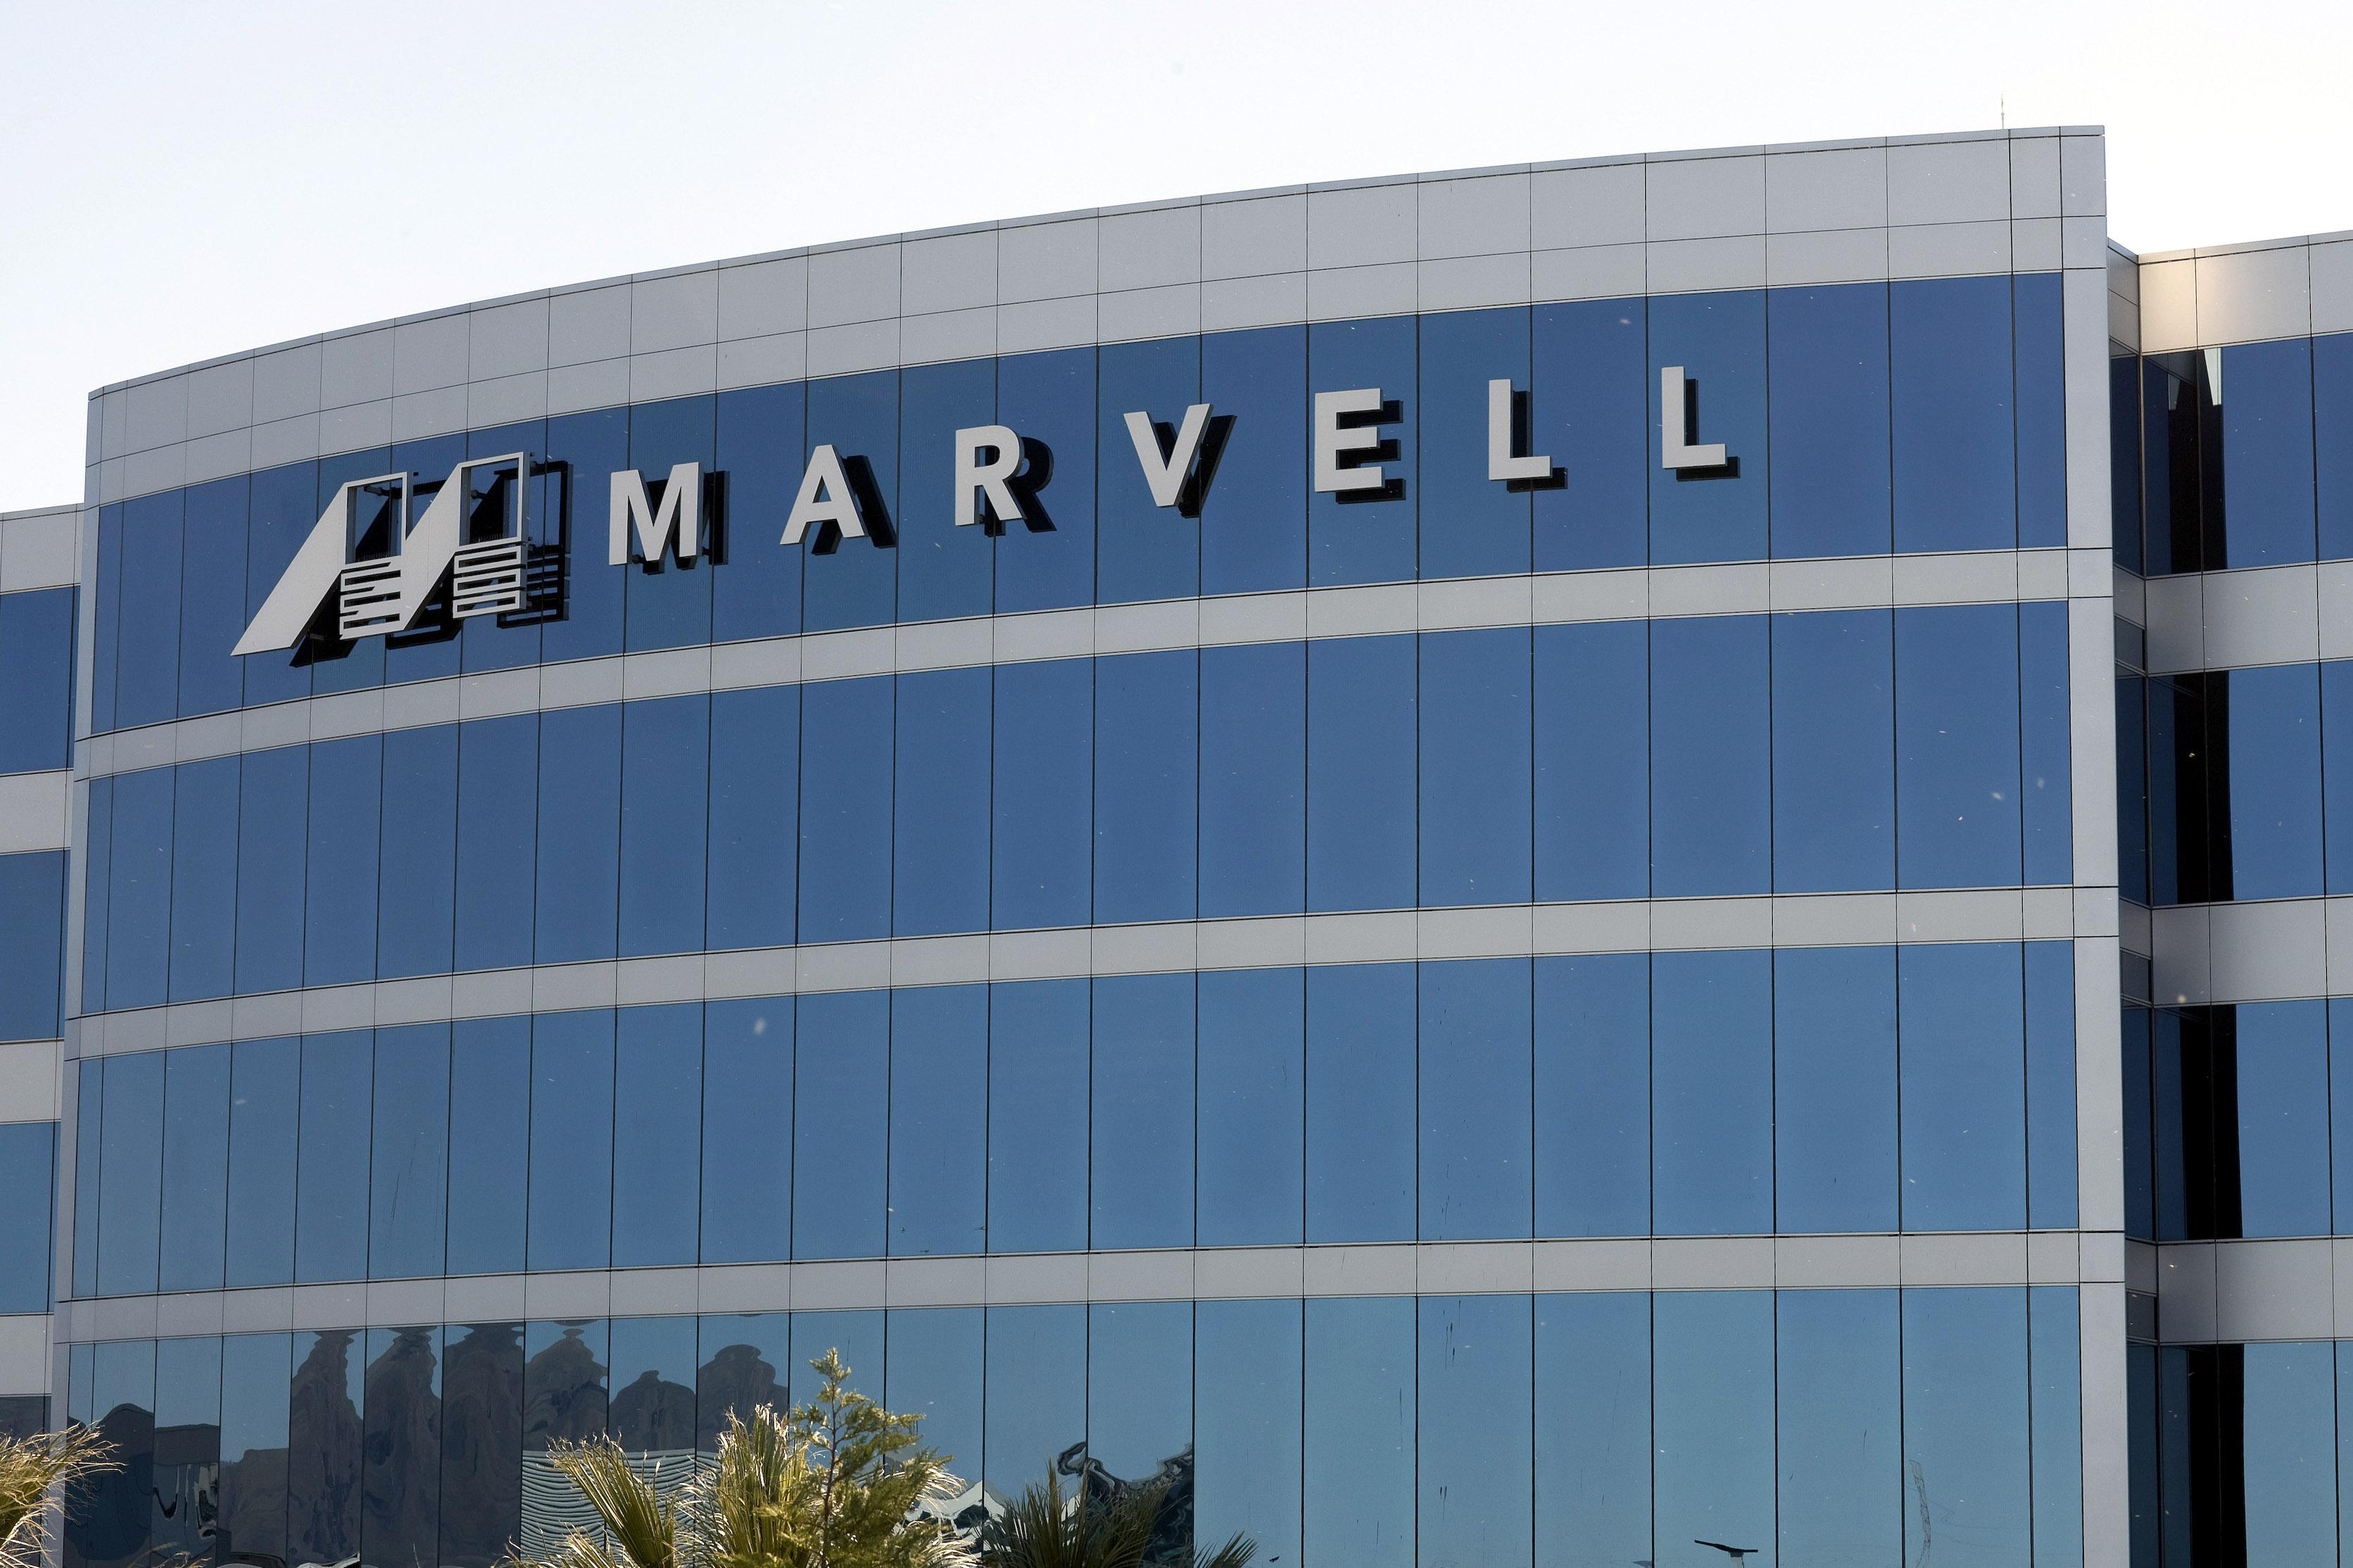 Marvell Technology (MRVL)